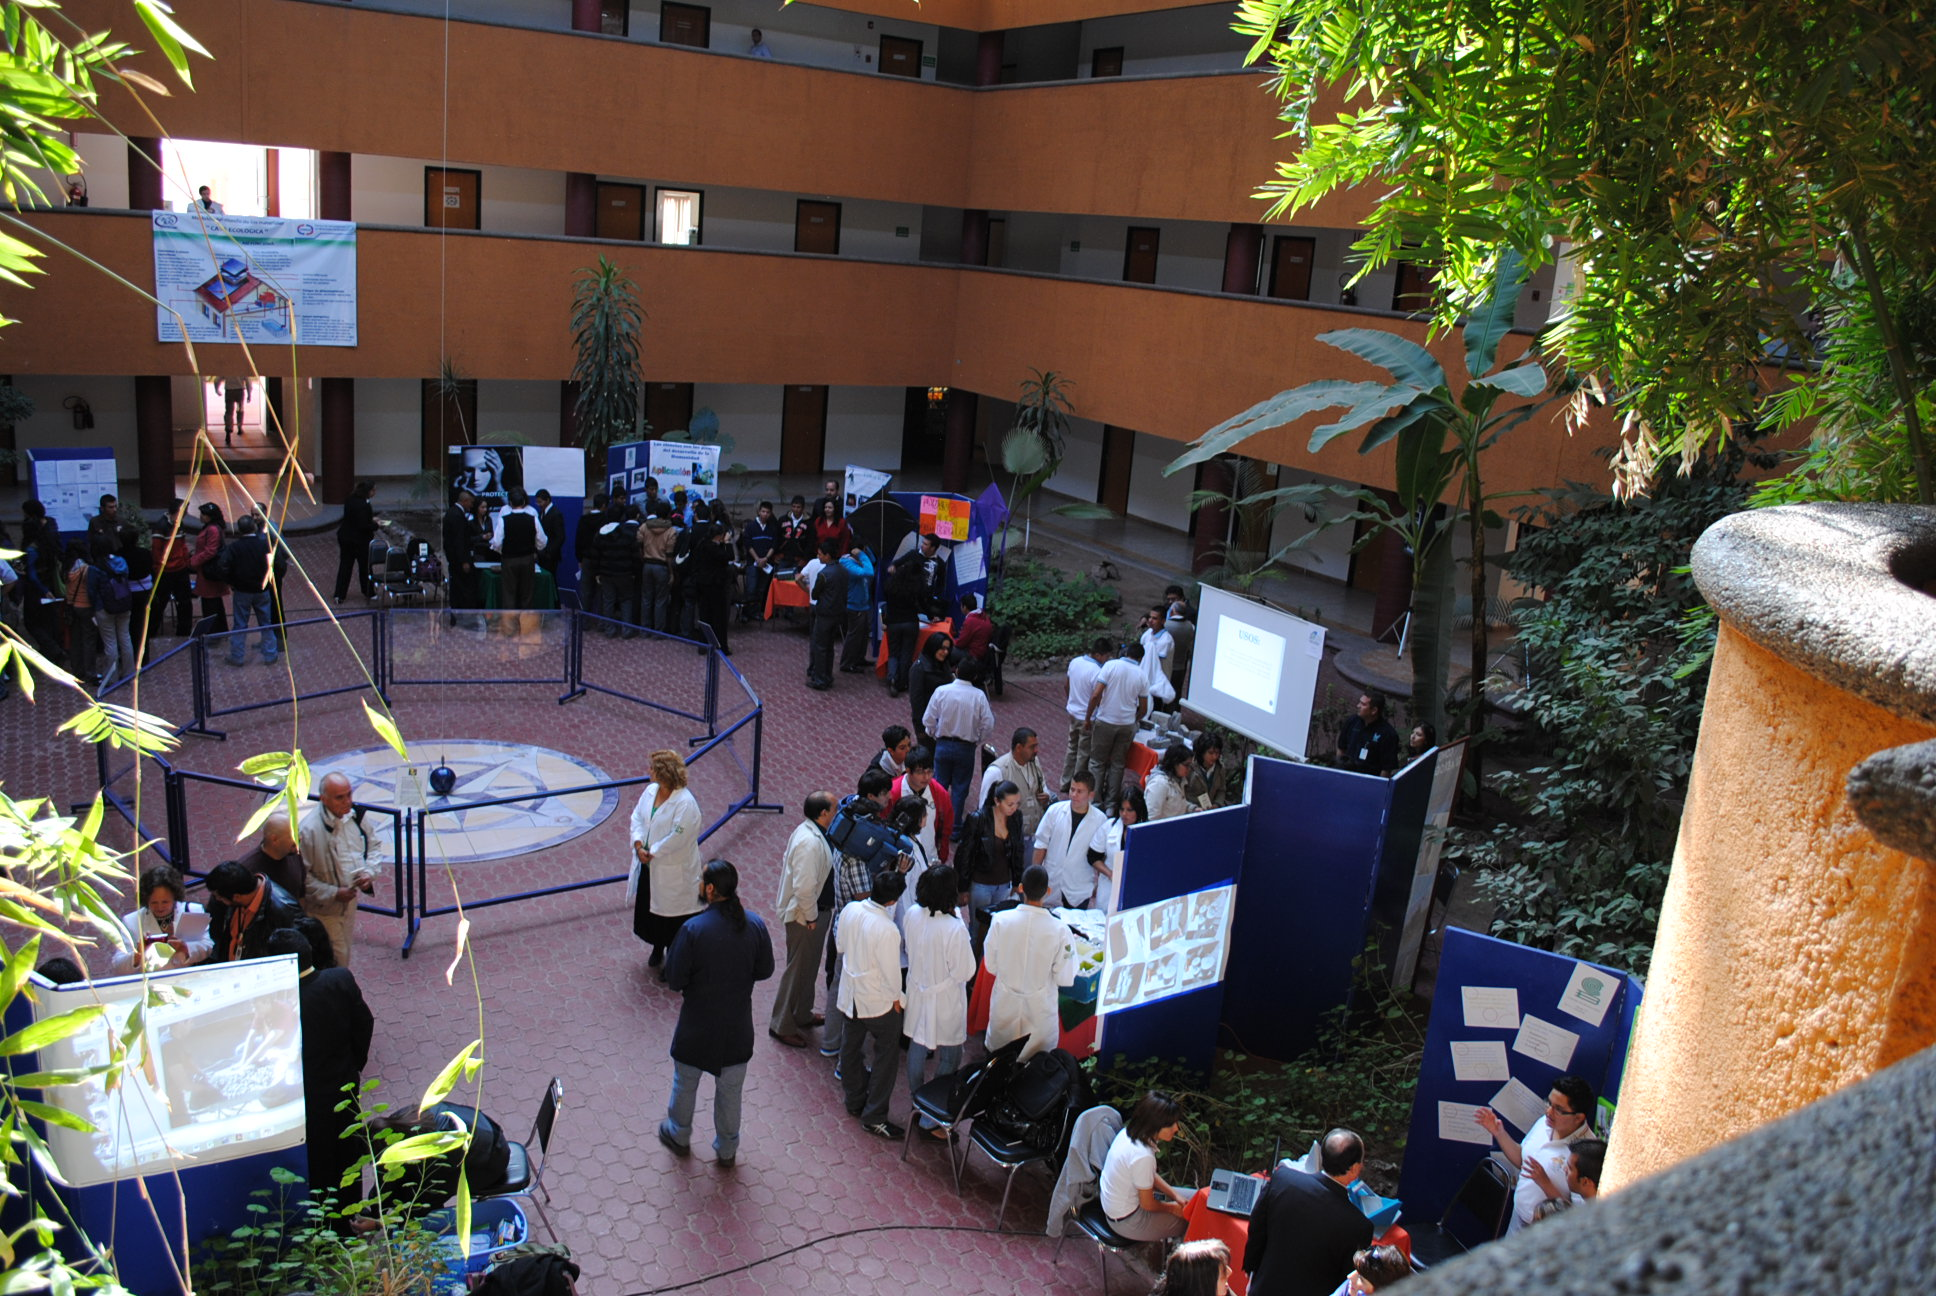 feria de ciencia y tec2010 078.jpg